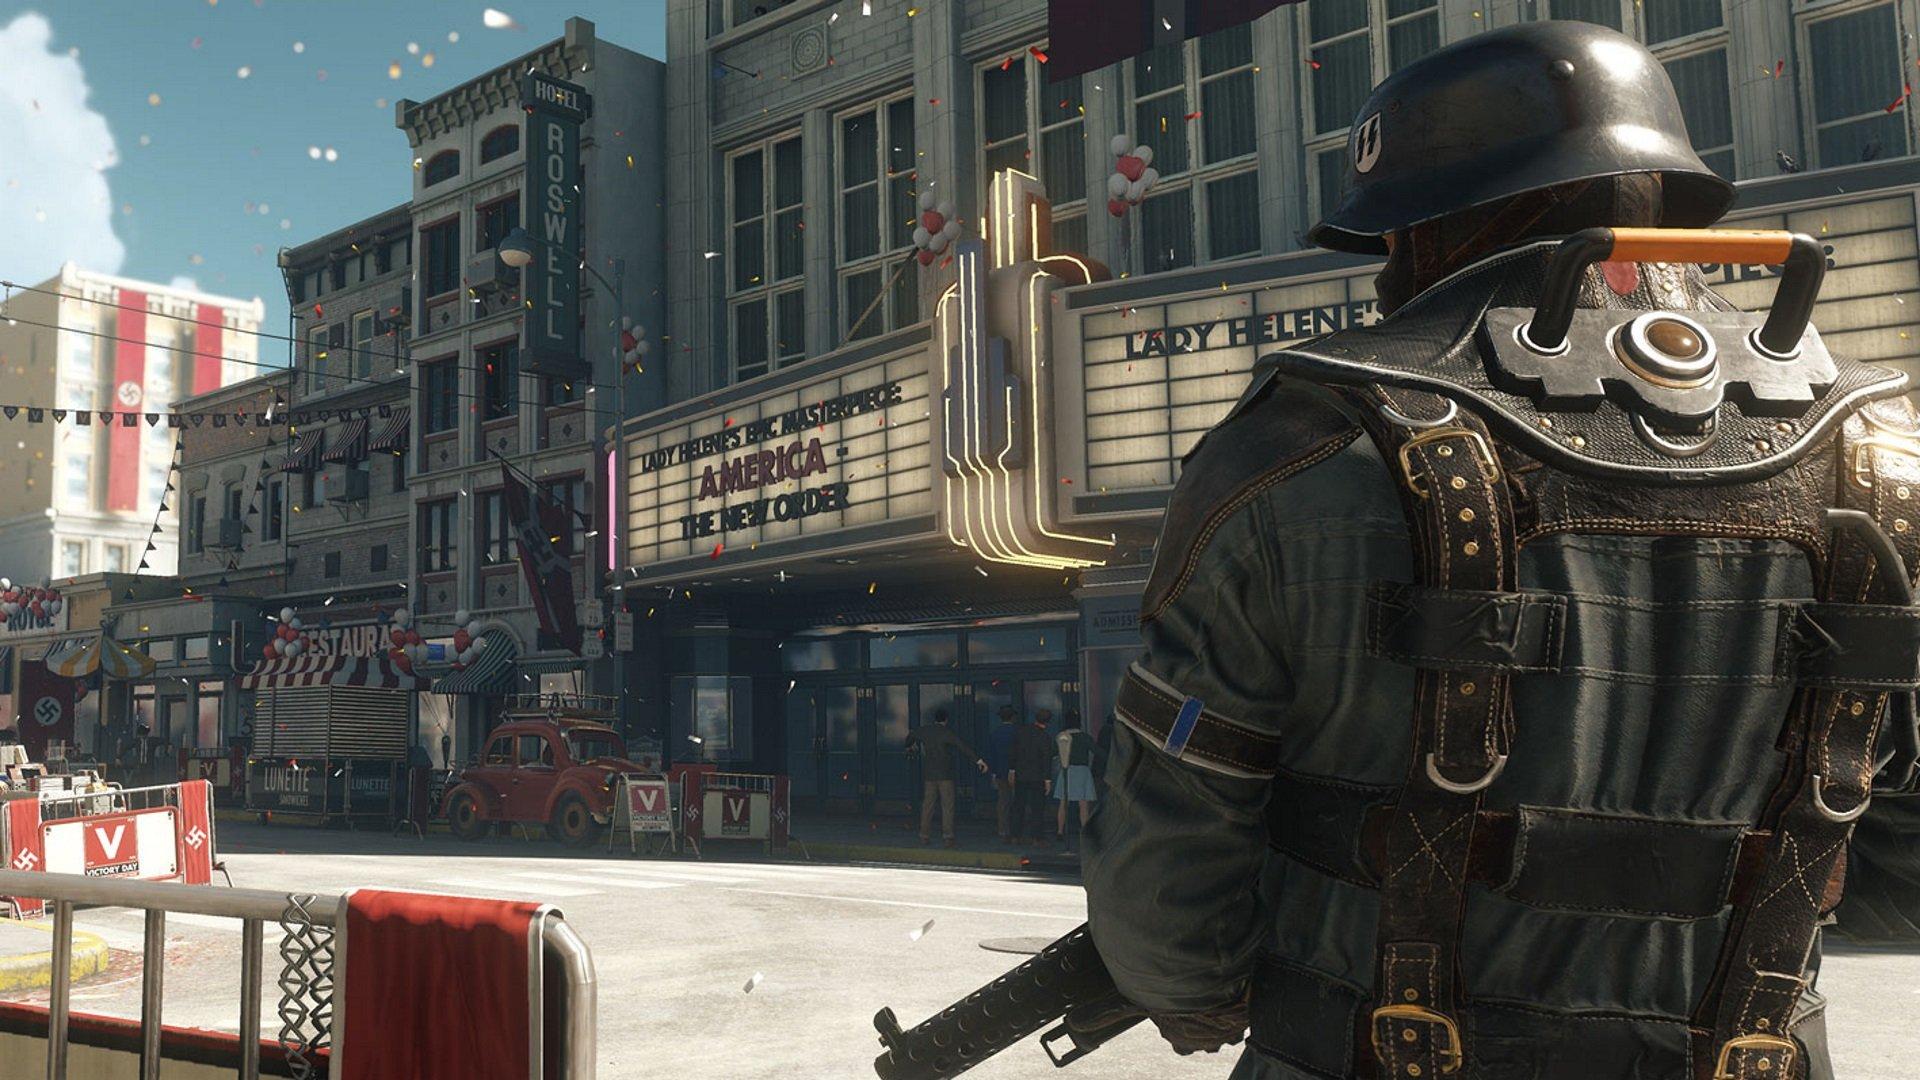 La superbe bande-son de Wolfenstein 2 sort en avant-première sur YouTube